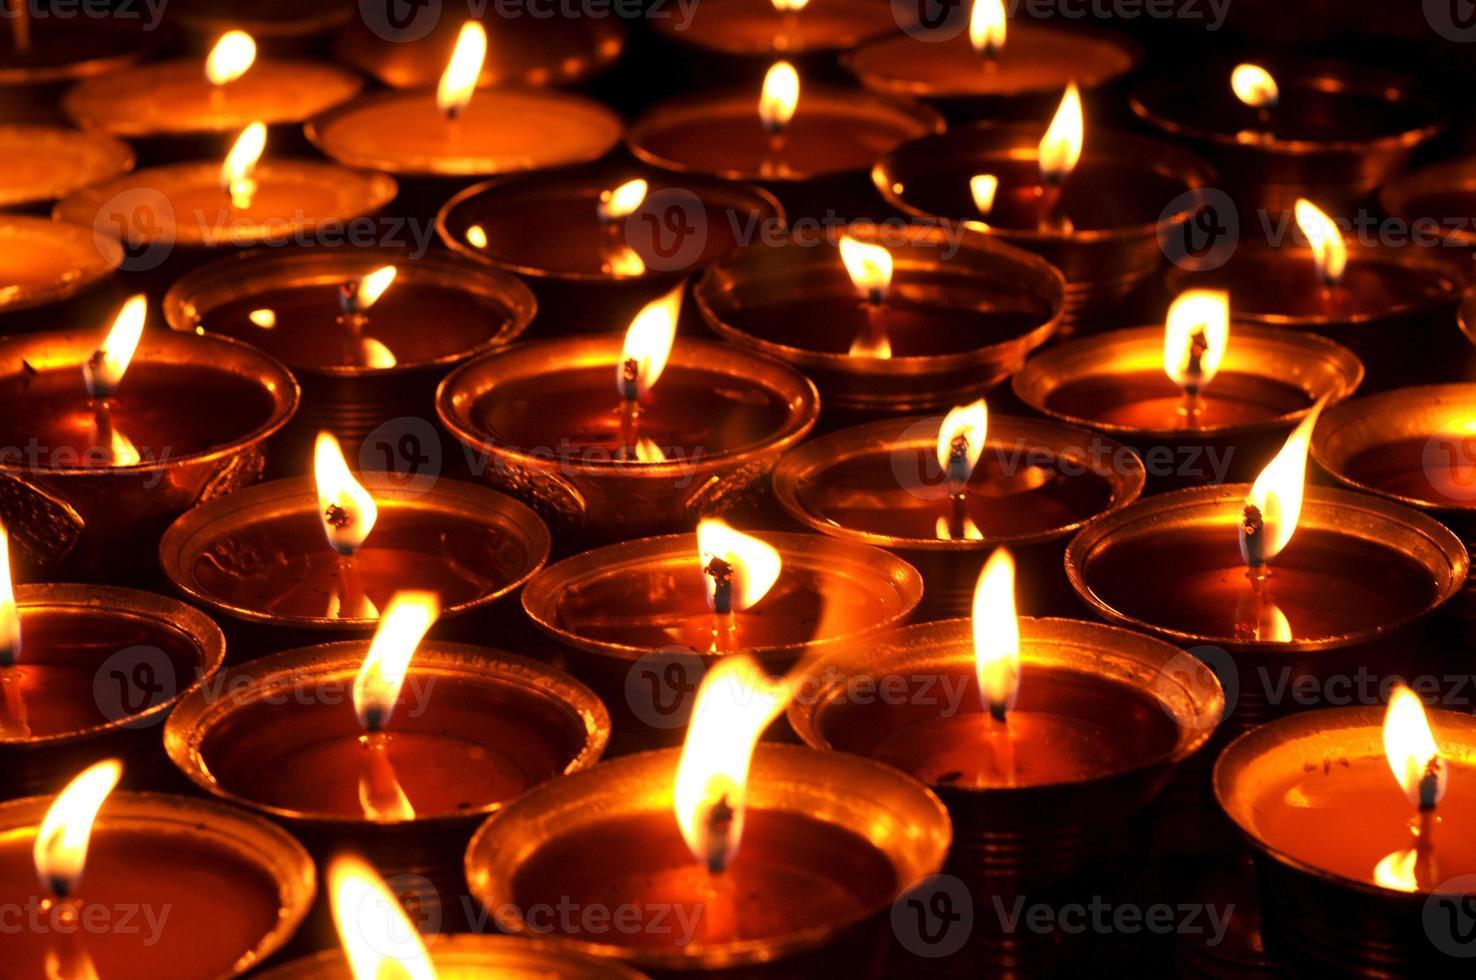 Kerzen in der Boudhanath Stupa, Kathmandu, Nepal. foto